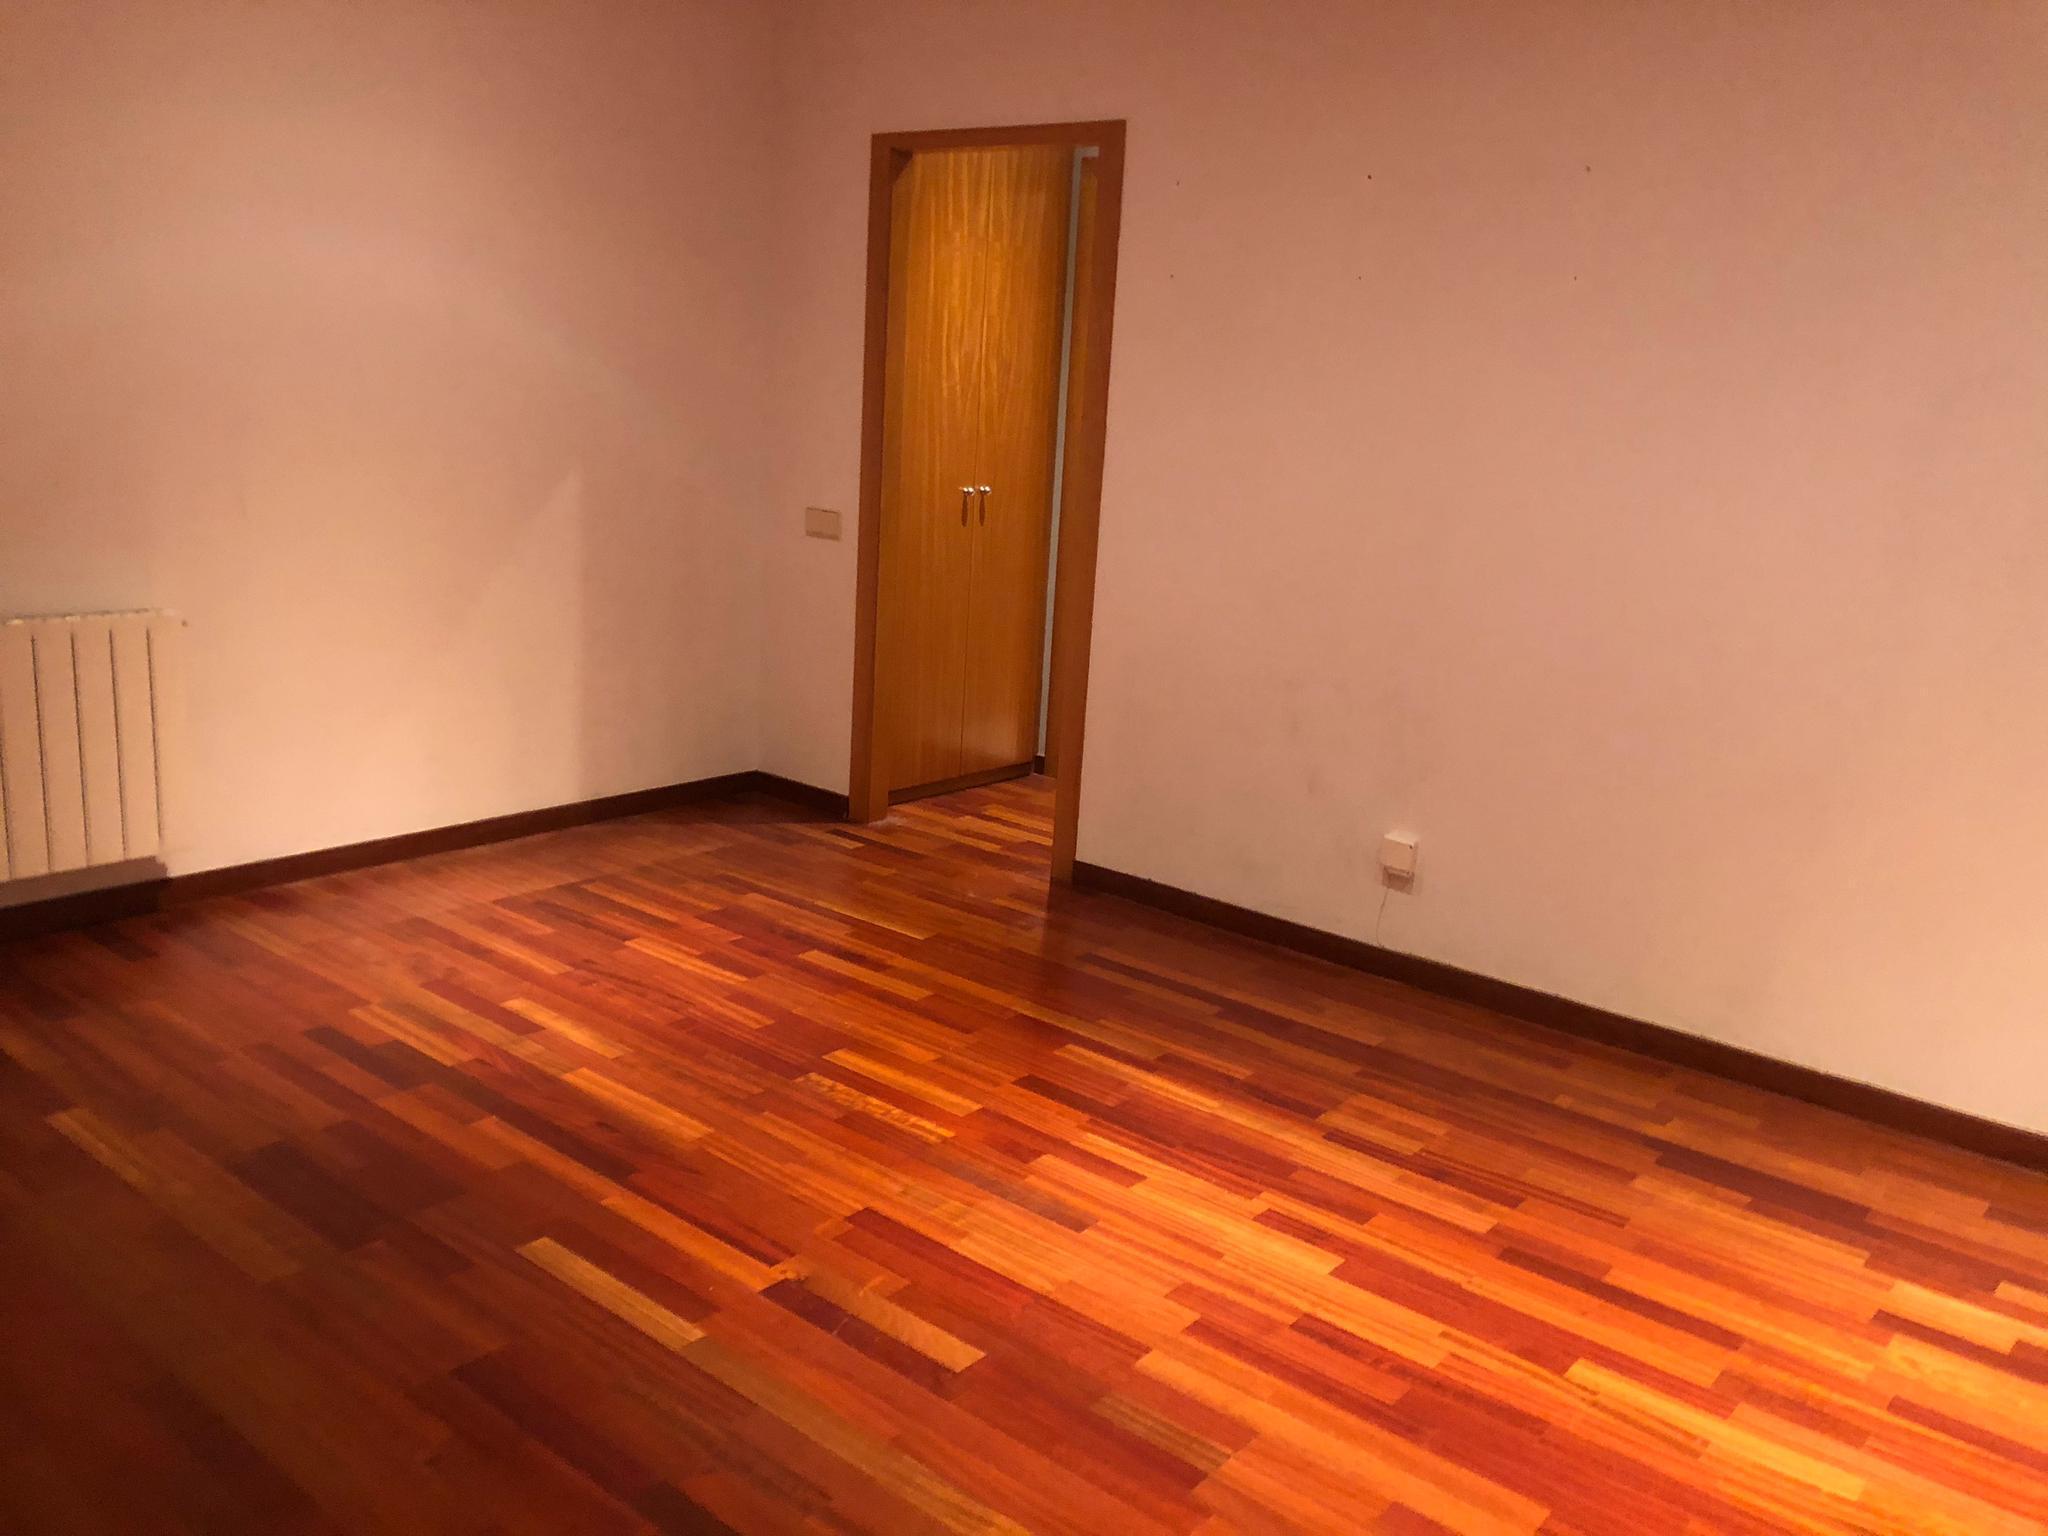 233789 - Centro C/ Garcilaso